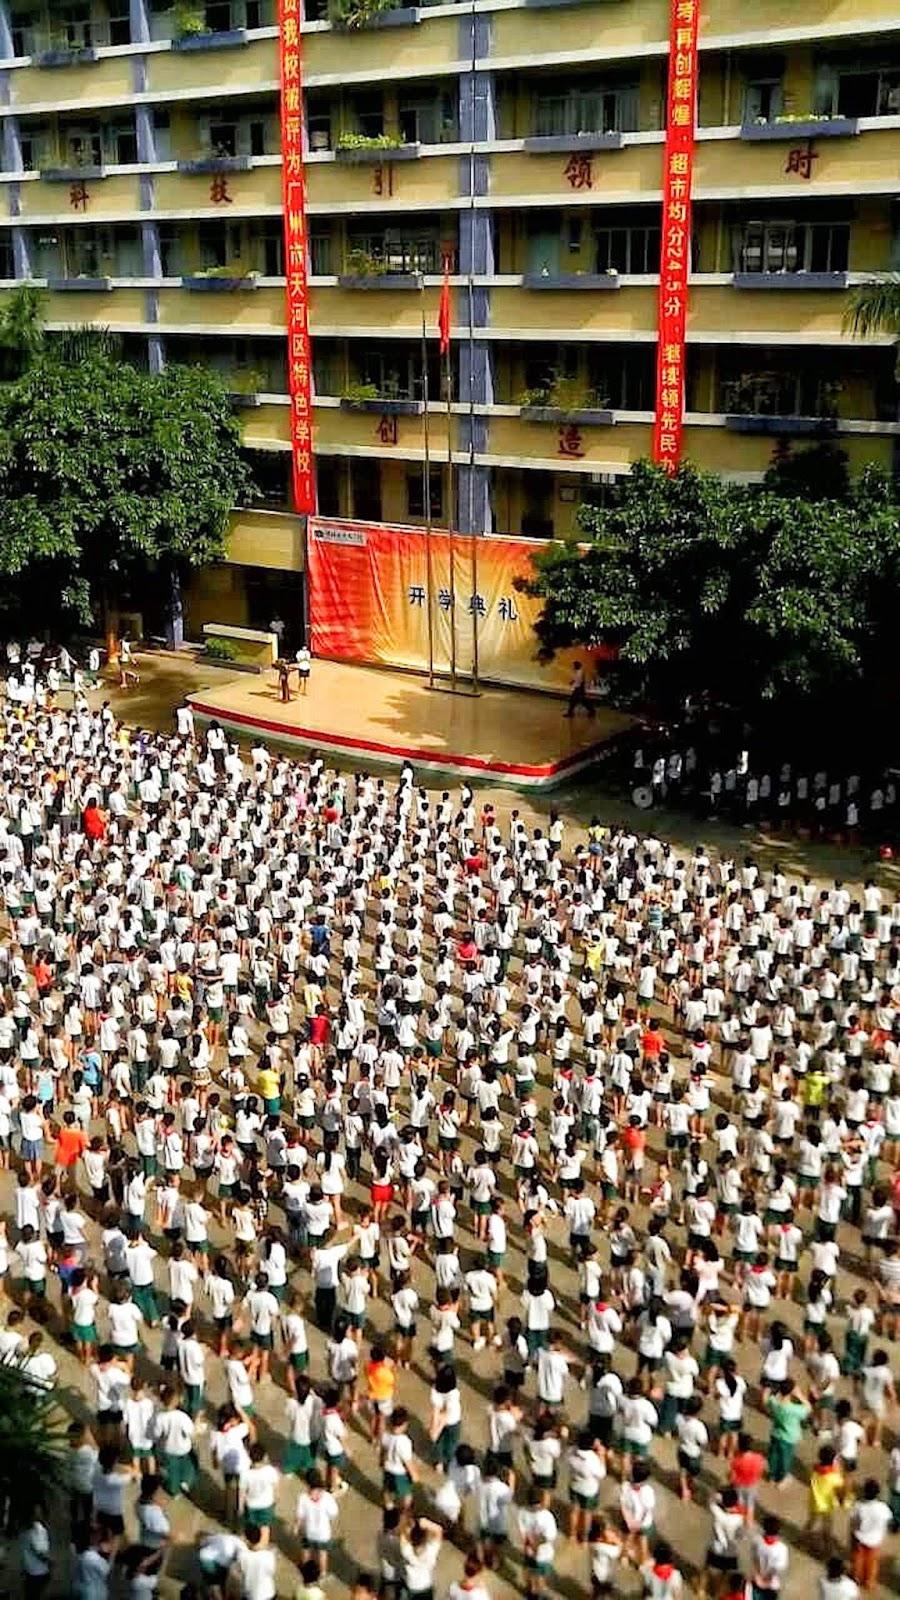 apel w chińskiej szkole, chińska szkoła podstawowa, komunistyczna chińska szkoła, praca w szkole w Chinach